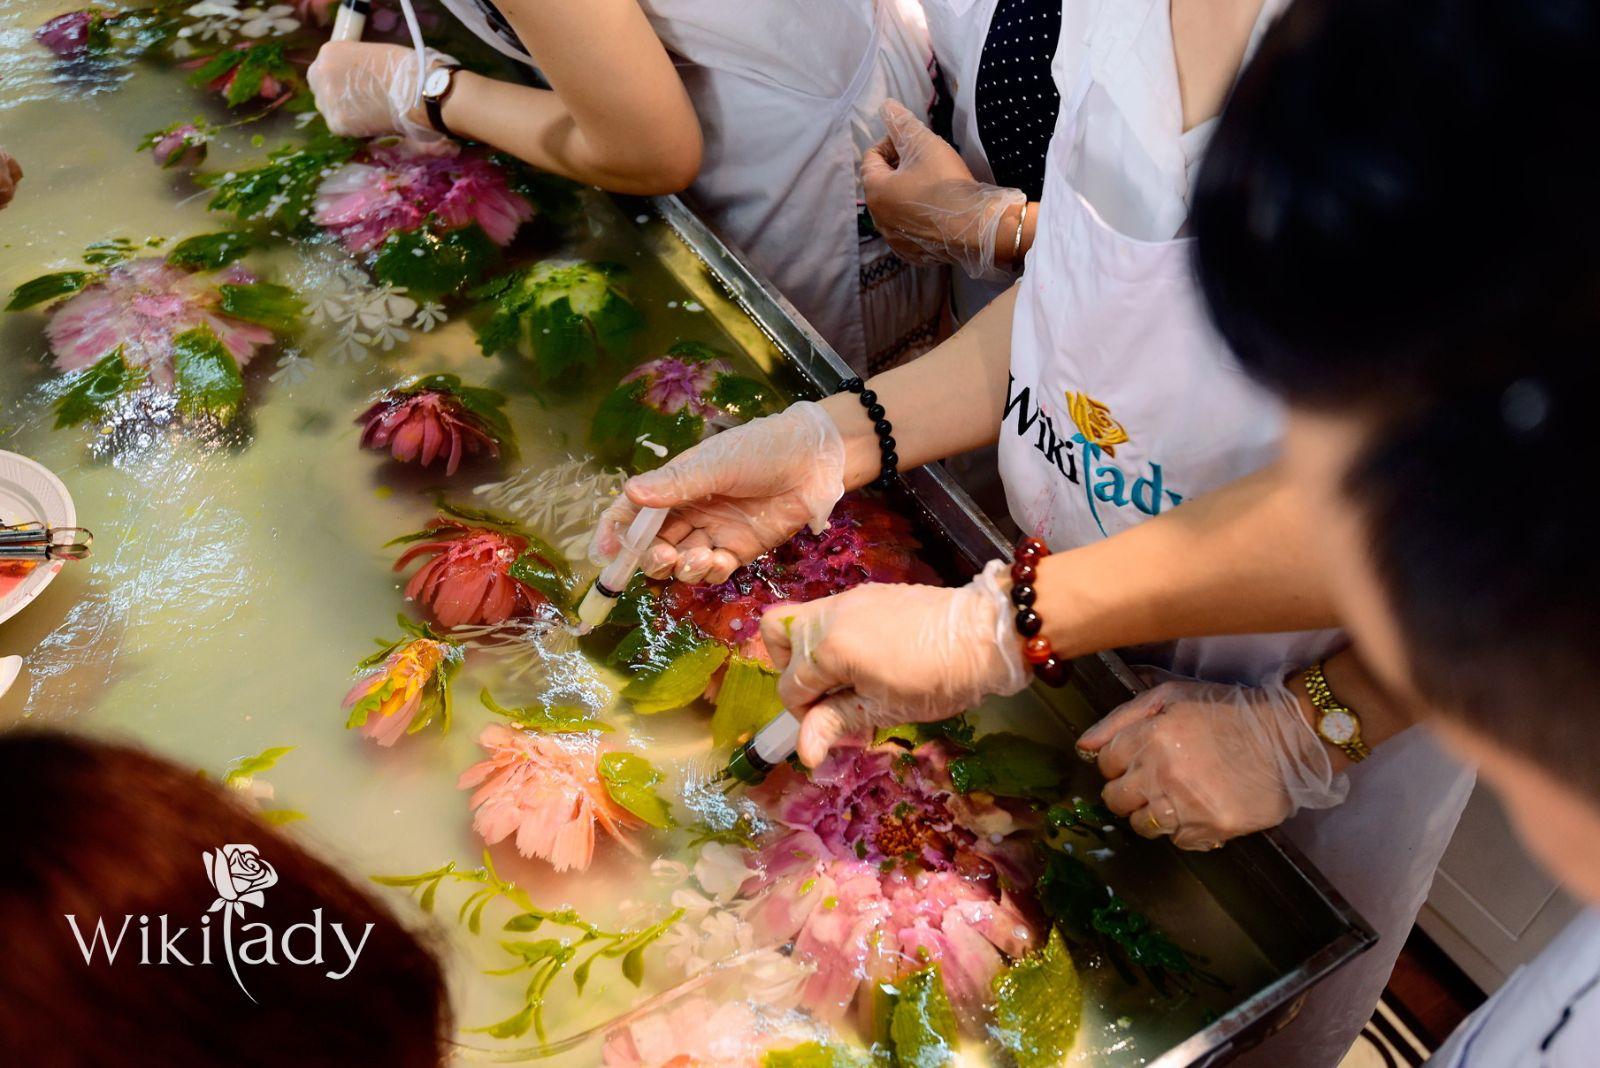 Từng đường nét bánh dần hiện ra dưới những đôi bàn tay tài hoa